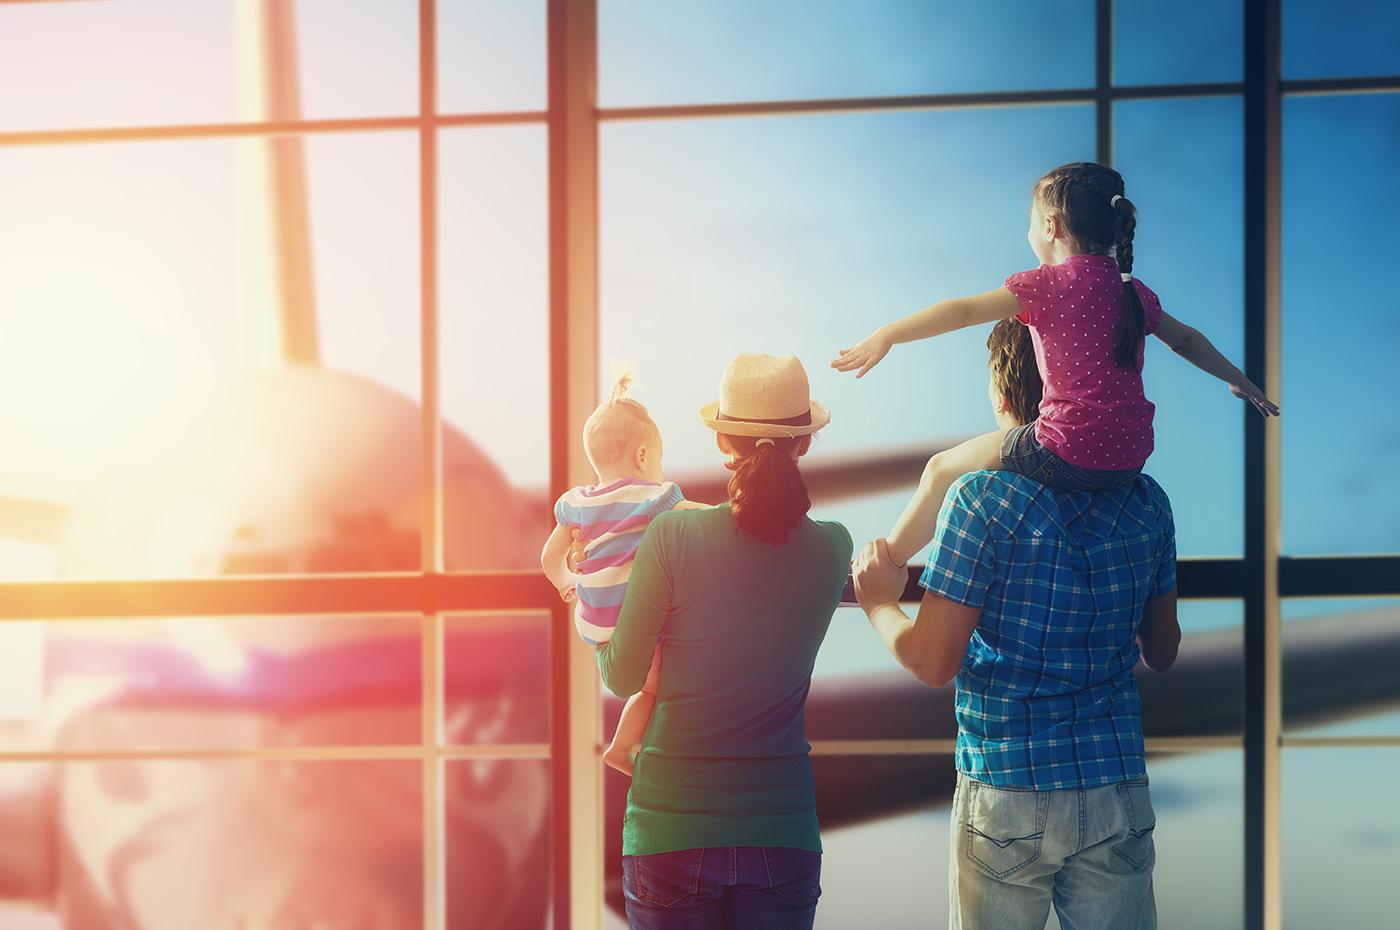 De viaje al extranjero con menores de edad